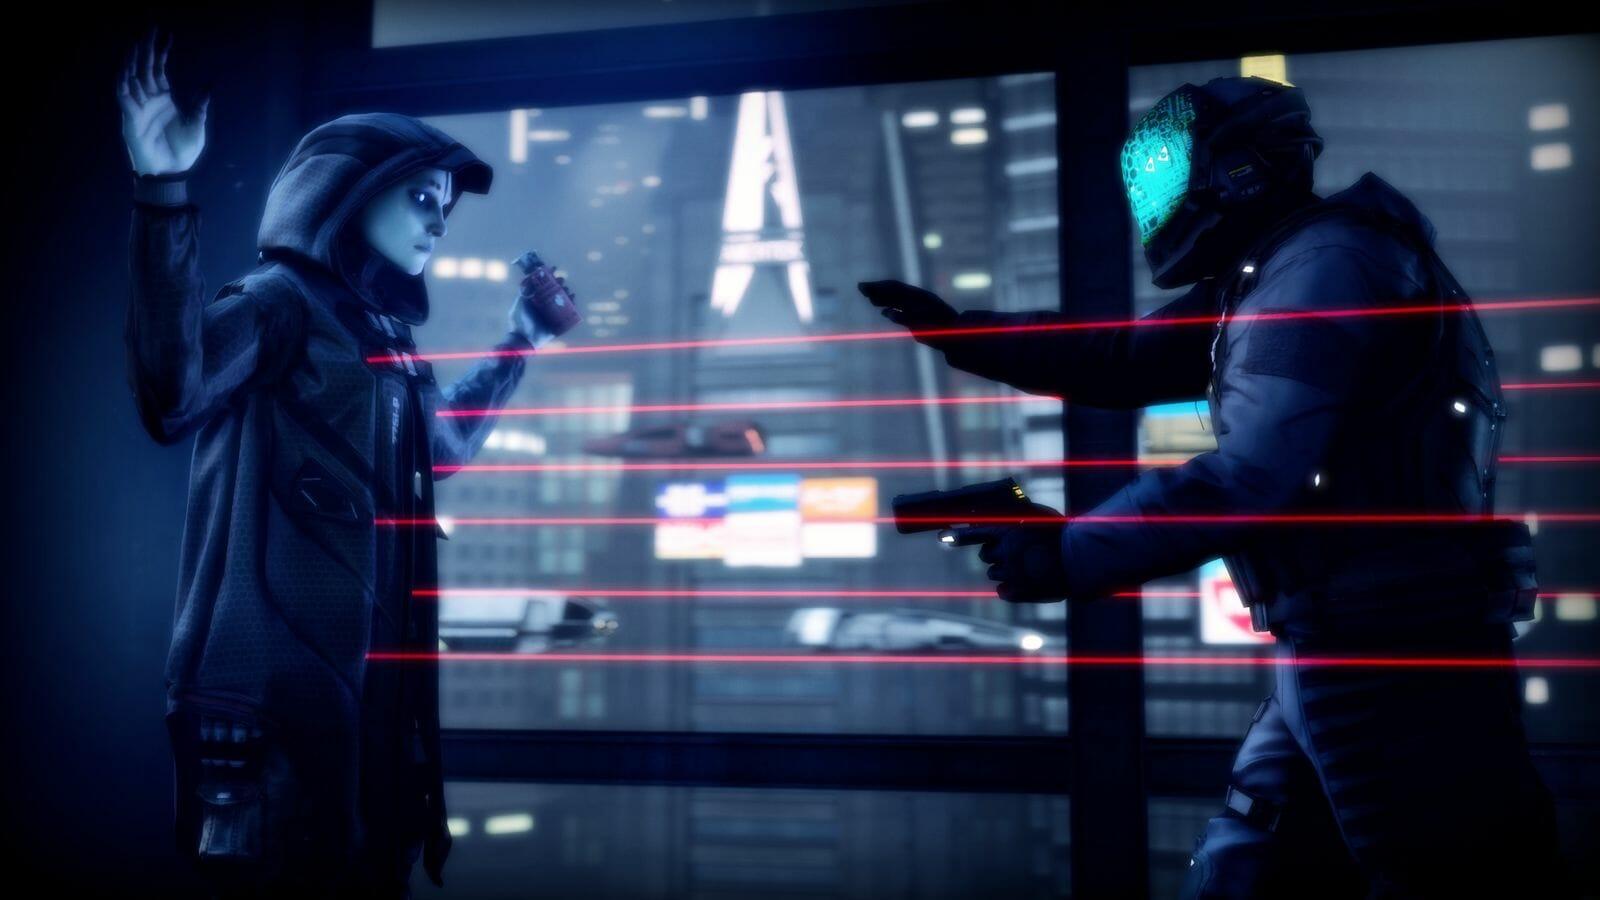 Dystopian cyberpunk